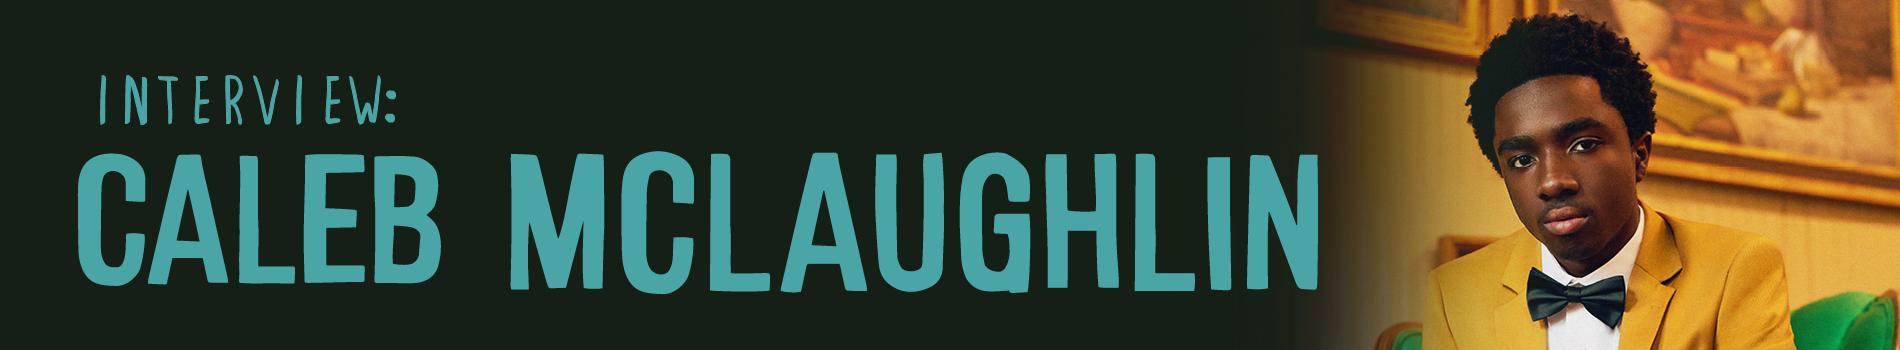 Caleb McLaughlin - Masthead Banner